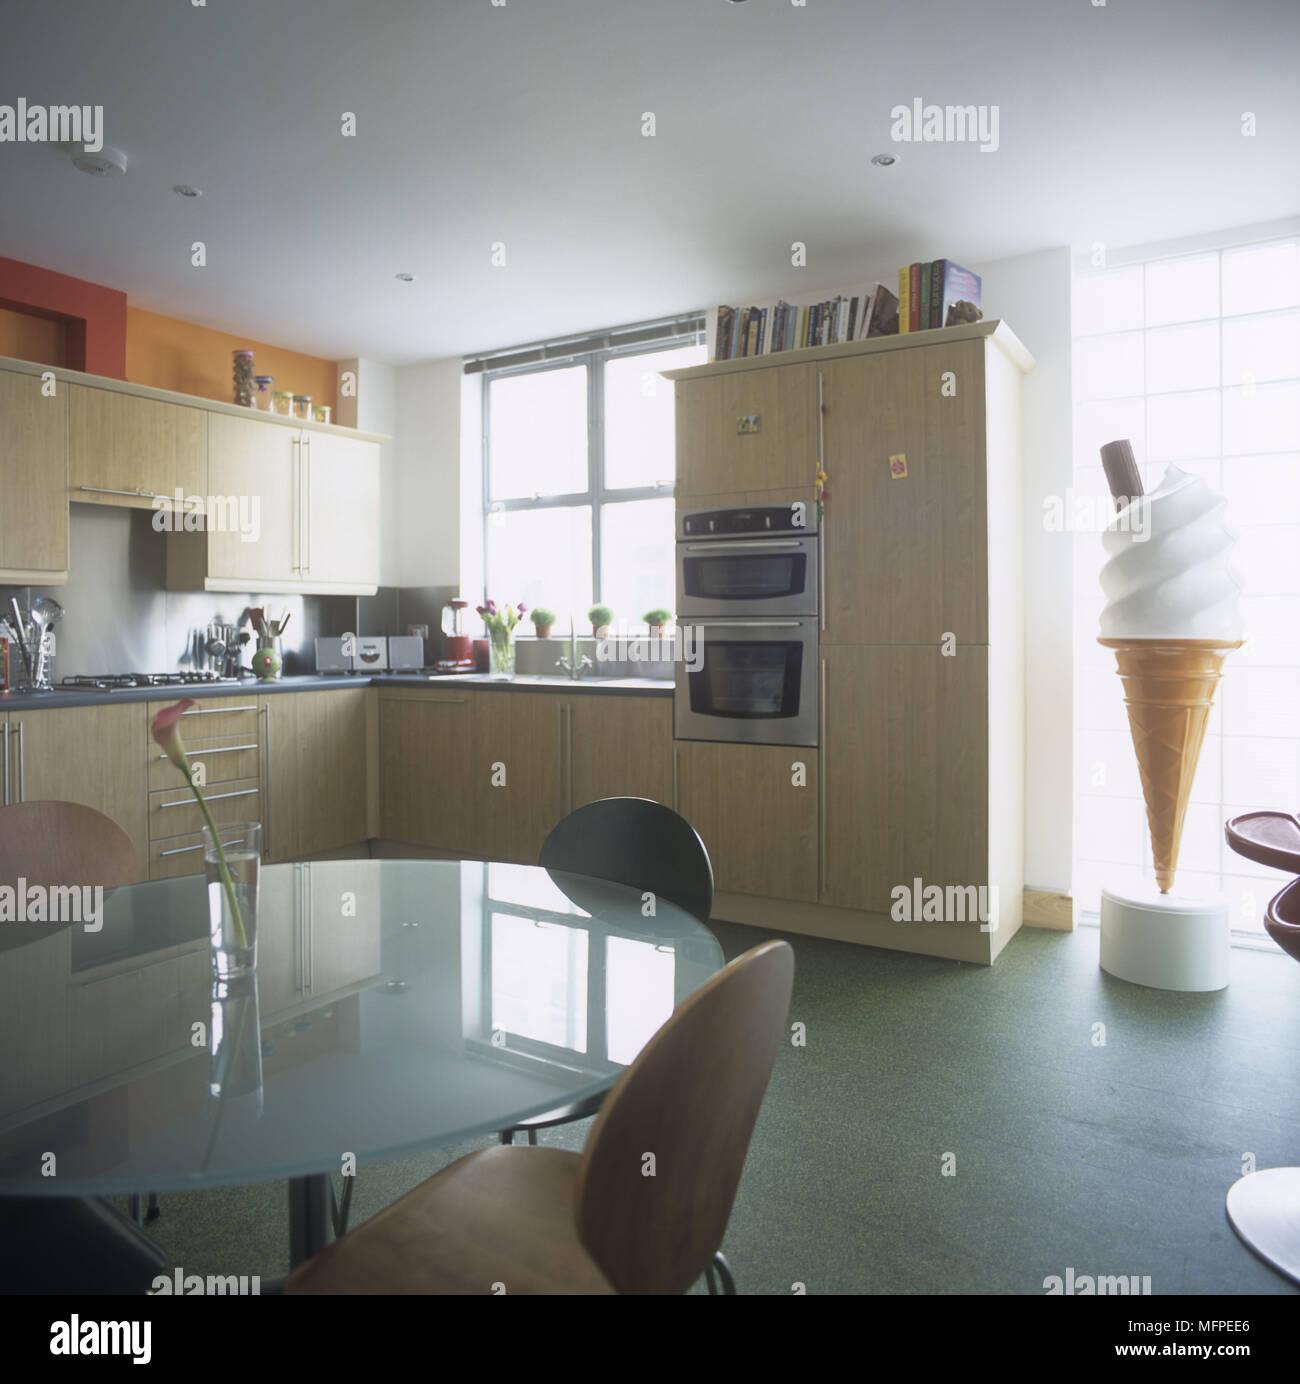 Schön Große Küchen Inc Addison Il Bilder - Ideen Für Die Küche ...